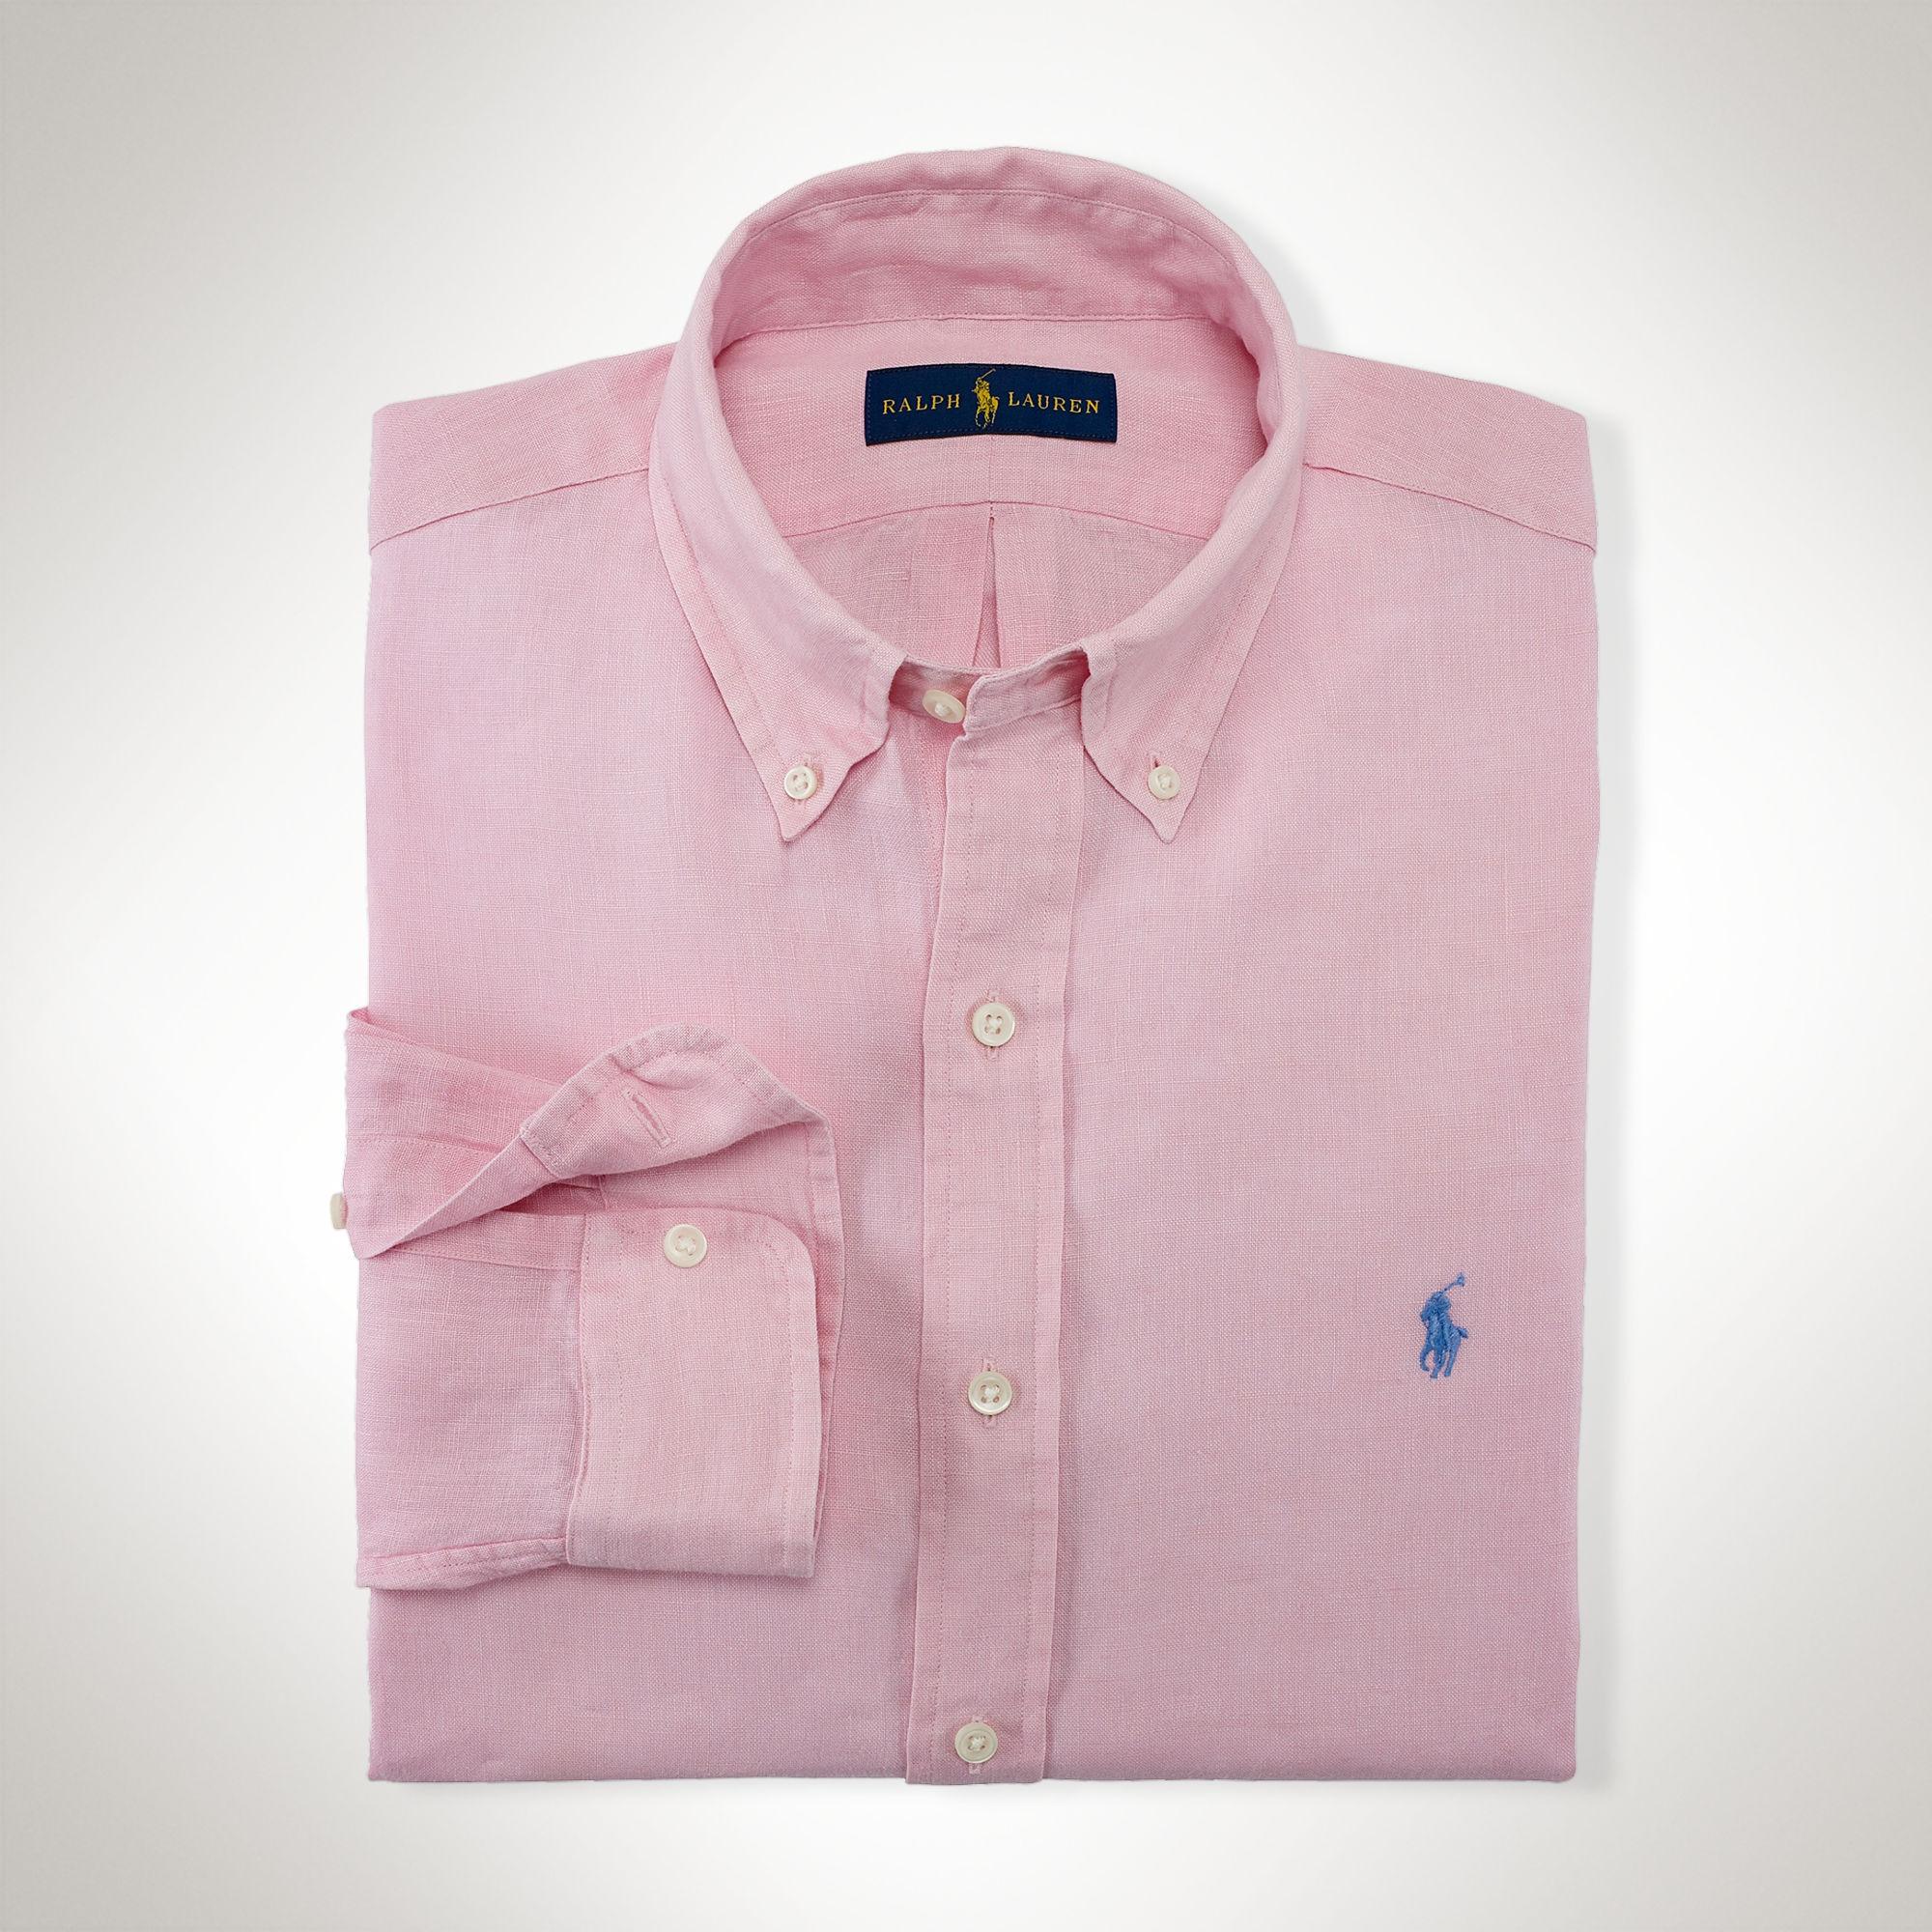 Ralph Lauren Gömlek Foster Pink - 1 #   Maslak Outlet #RalphLauren #Gömlek